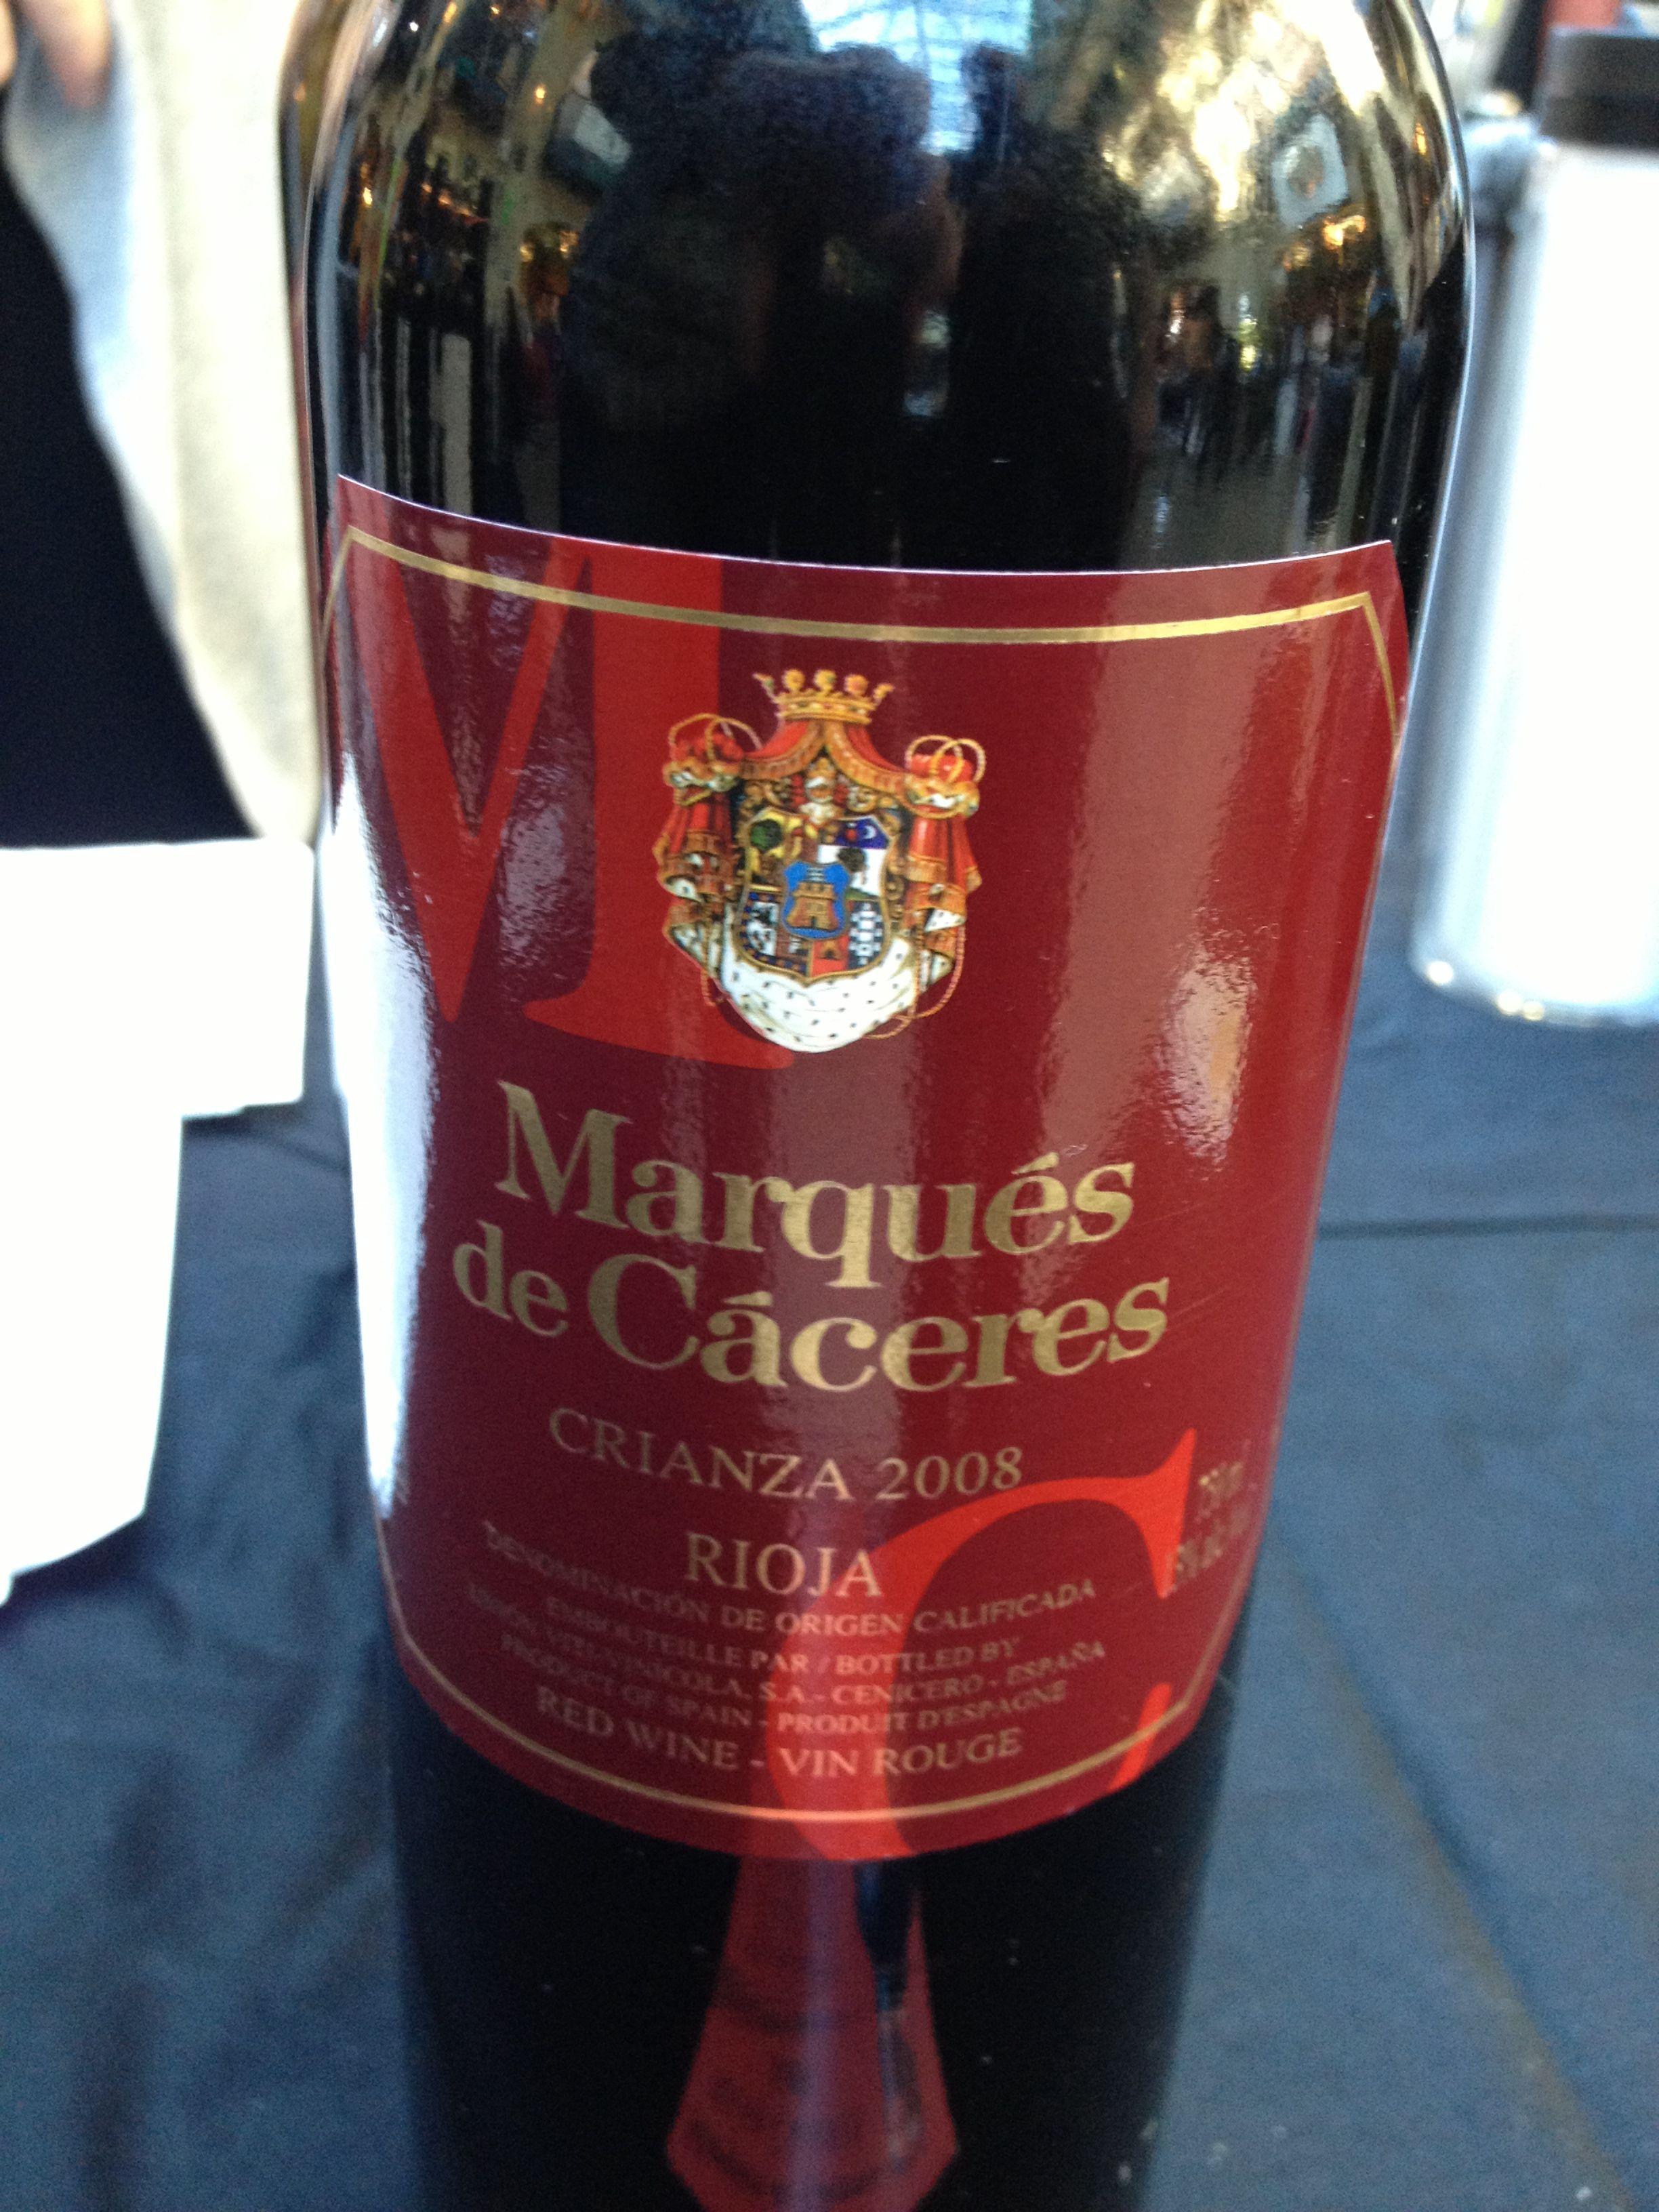 Margues de Caceres - Spain